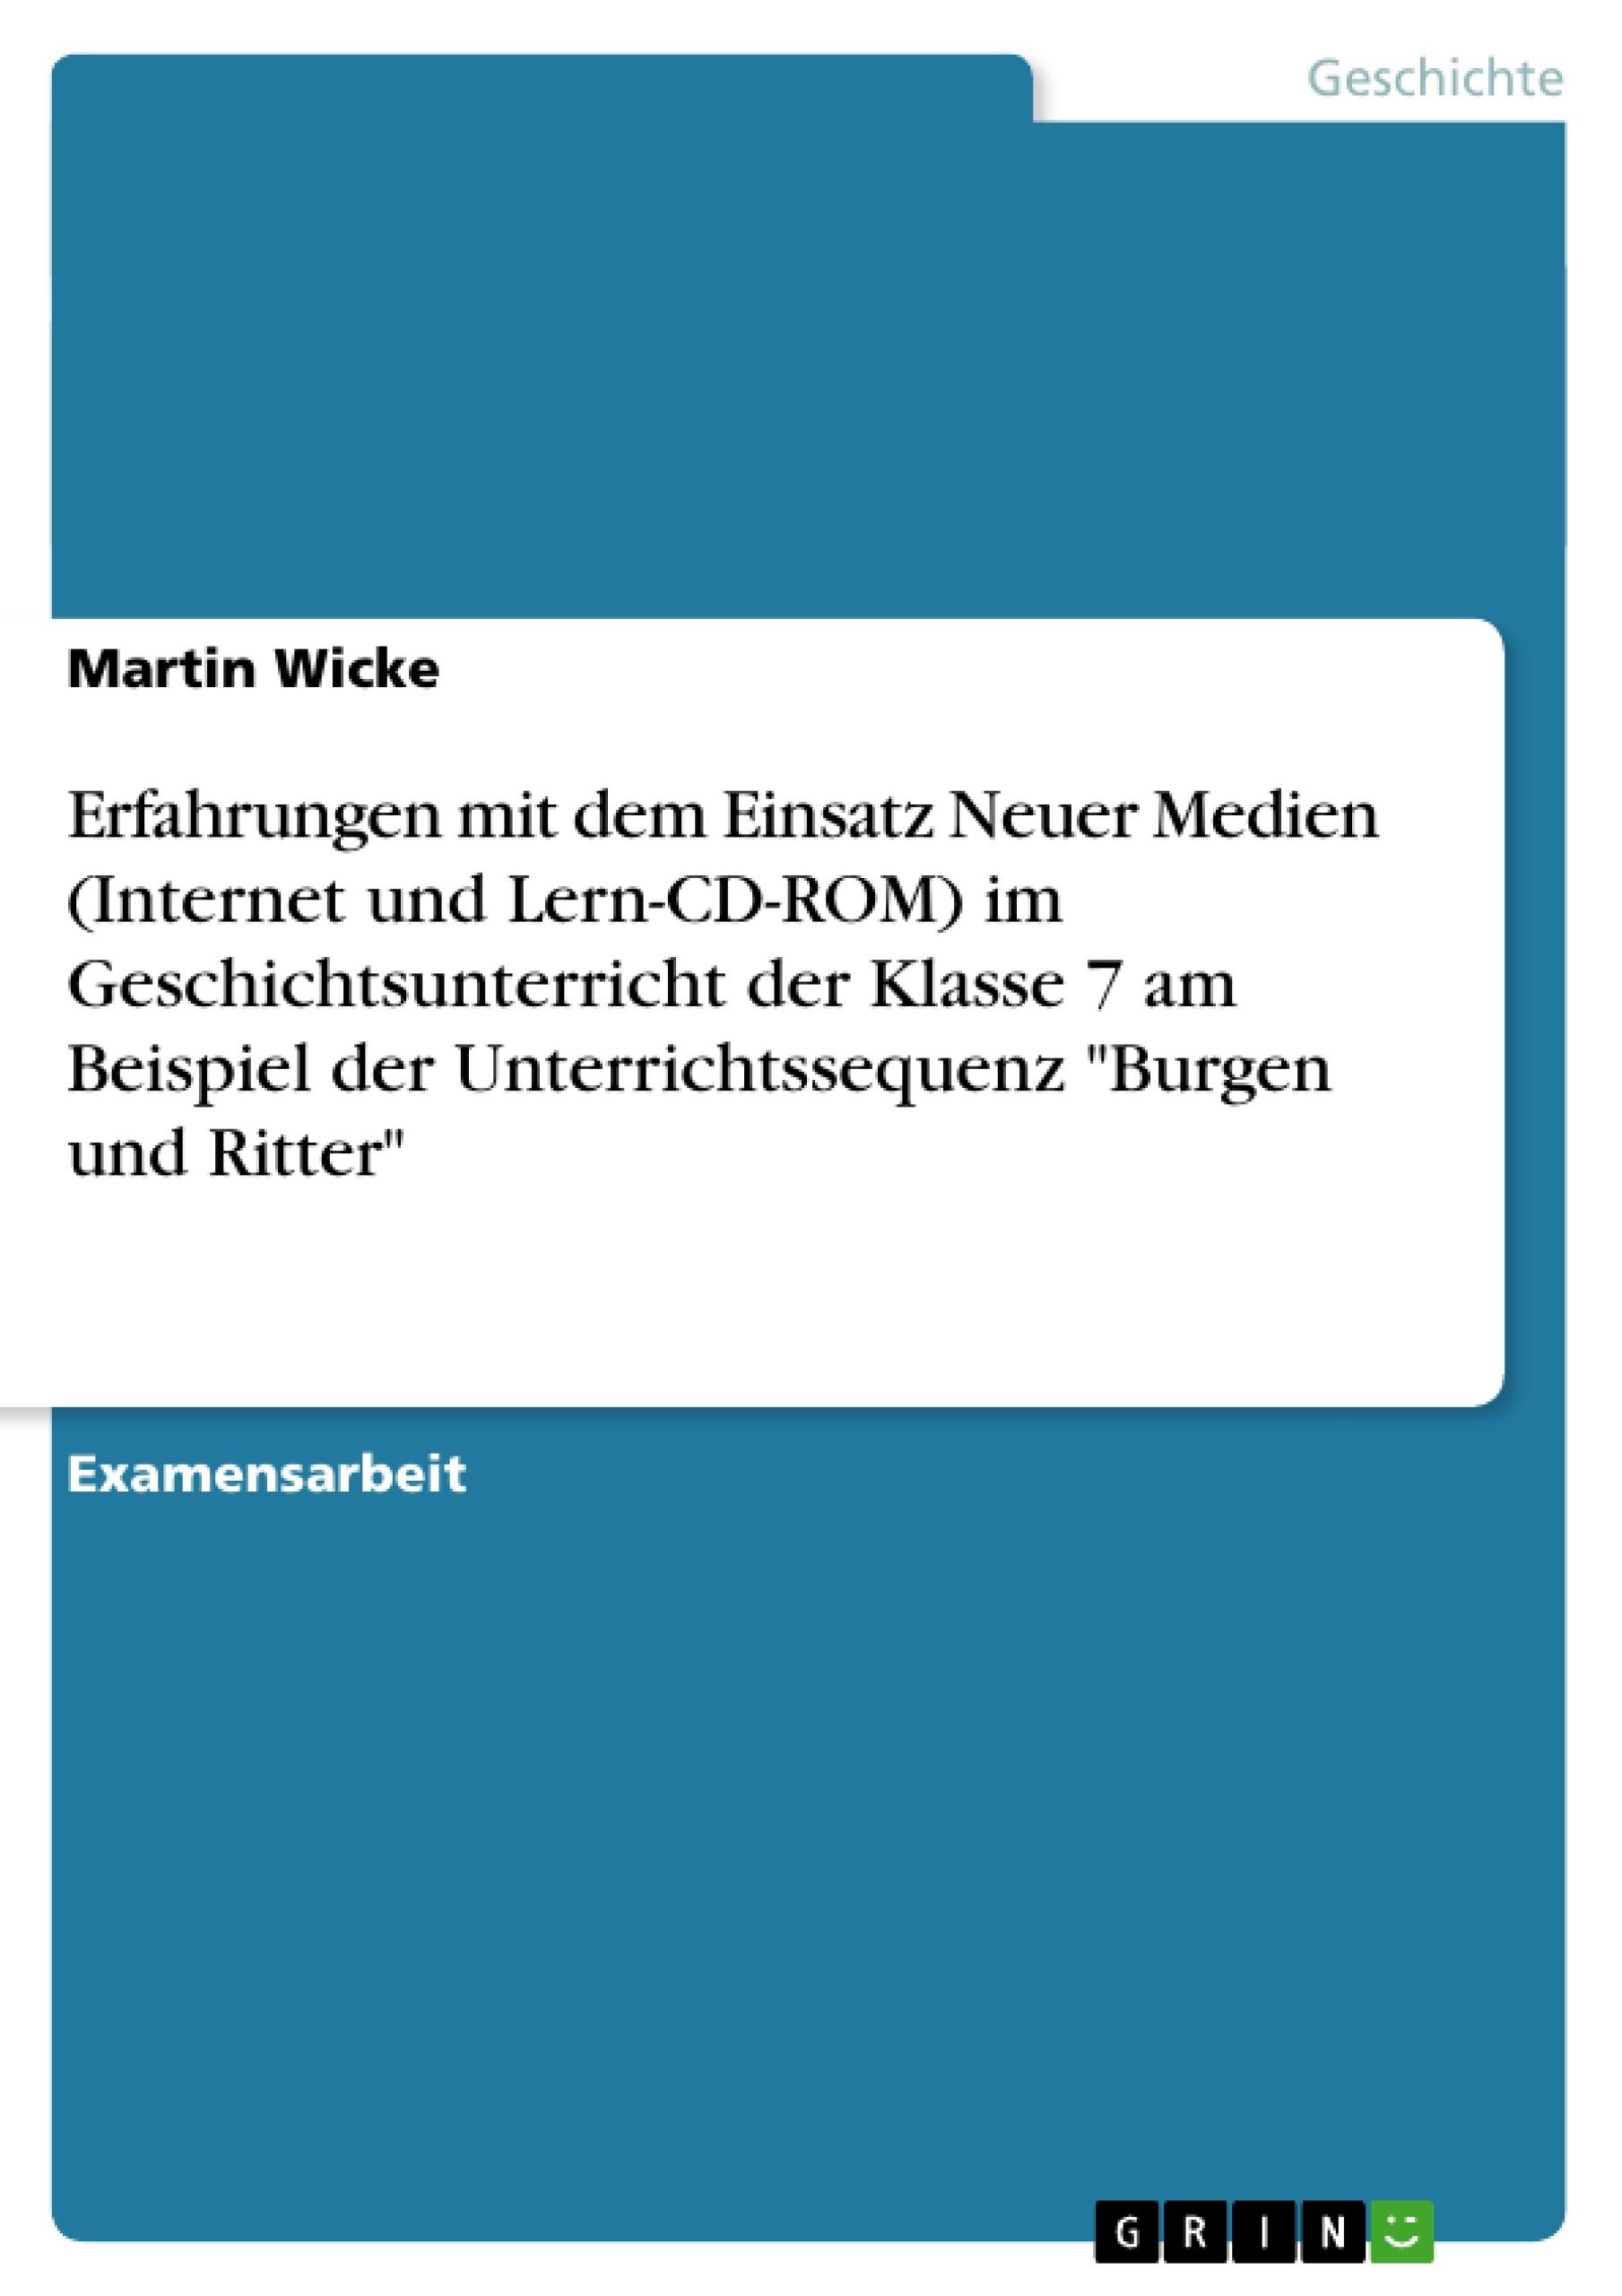 """Titel: Erfahrungen mit dem Einsatz Neuer Medien (Internet und Lern-CD-ROM) im Geschichtsunterricht der Klasse 7 am Beispiel der Unterrichtssequenz """"Burgen und Ritter"""""""